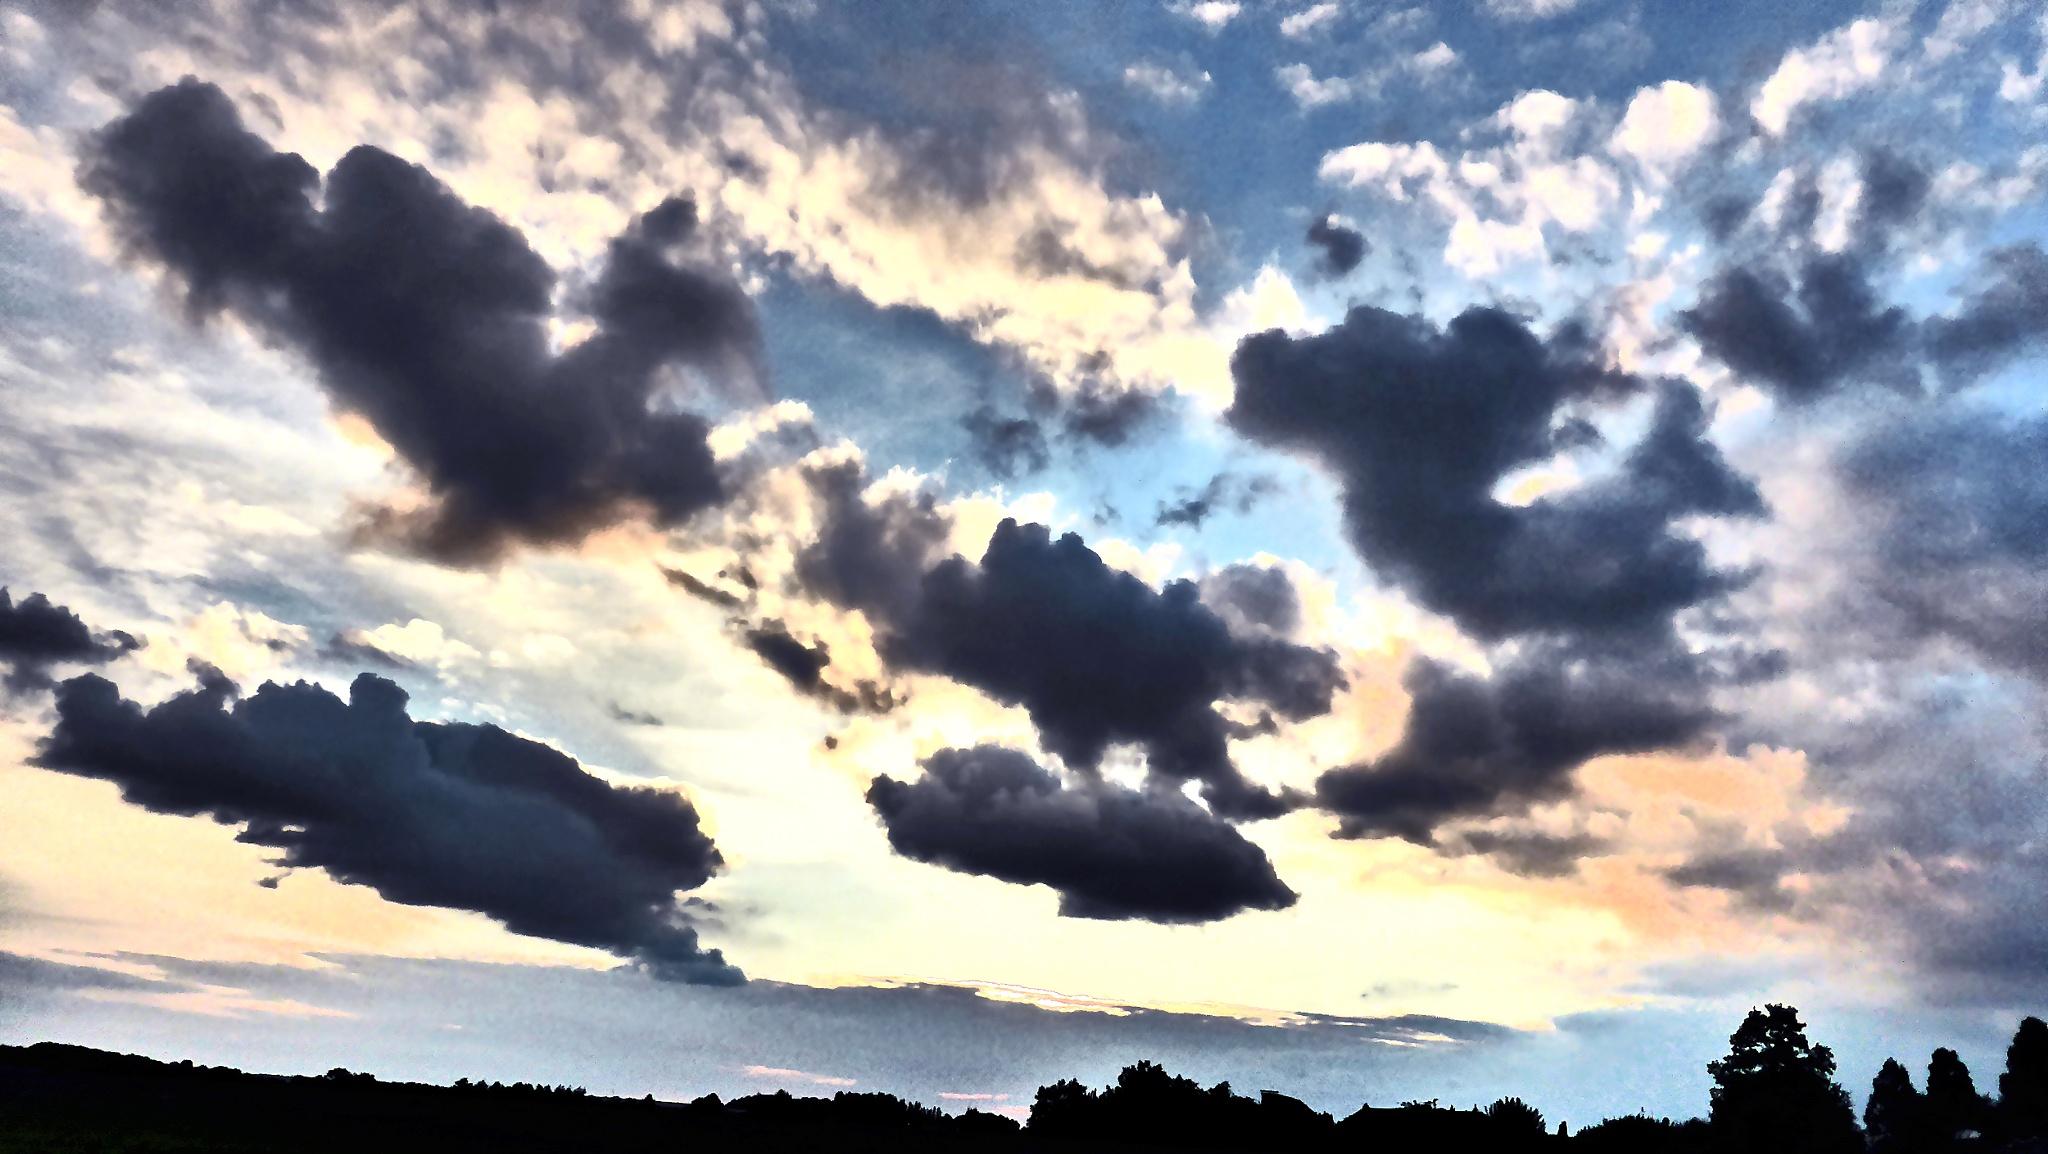 Evening sky by Gernot Schwarz